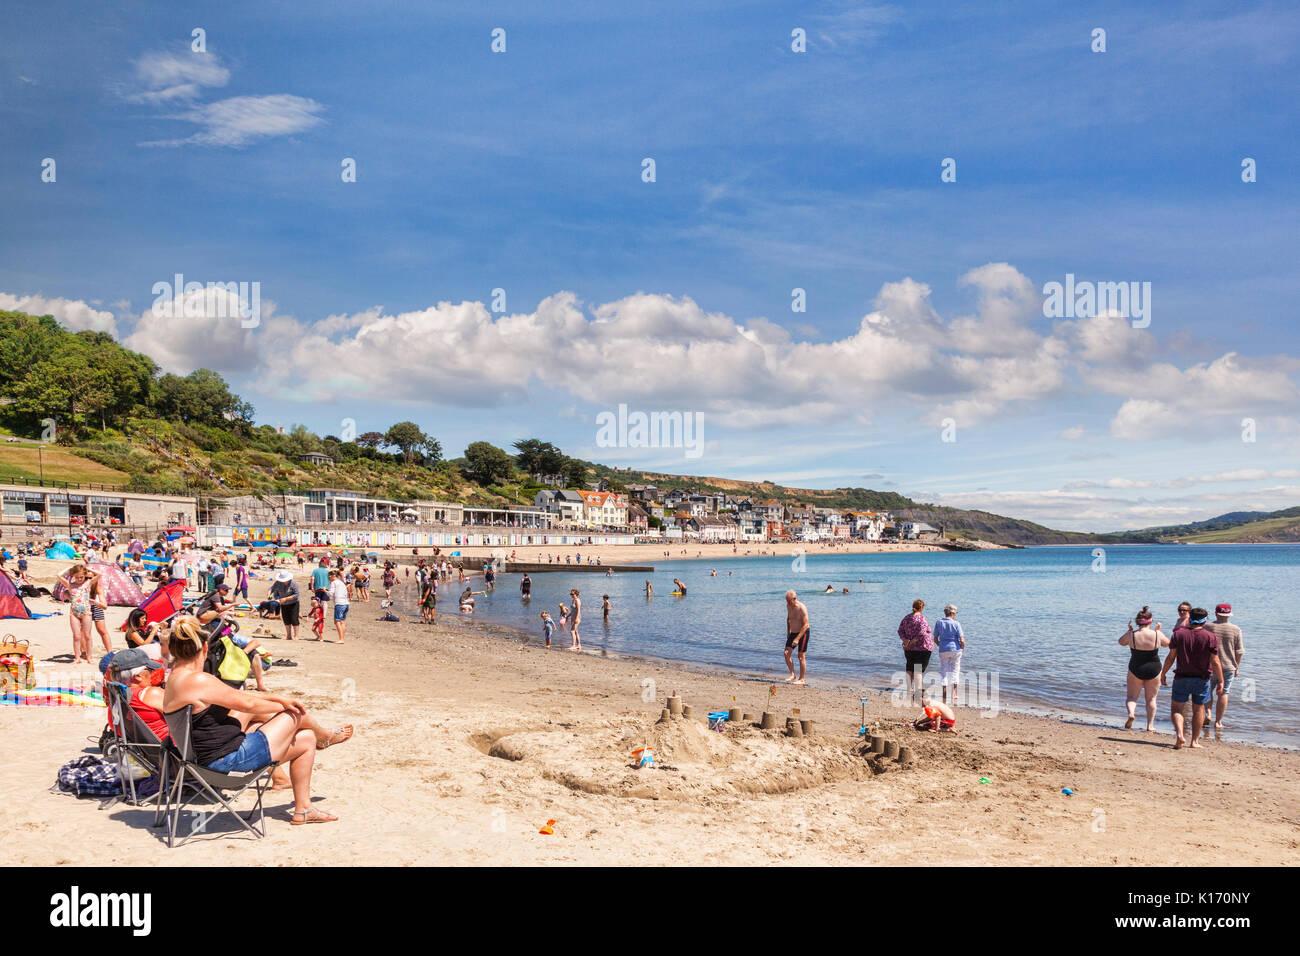 1 Luglio 2017: Lyme Regis, Dorset, England, Regno Unito - Spiaggia di sabbia in un caldo giorno d'estate e di sole. Immagini Stock